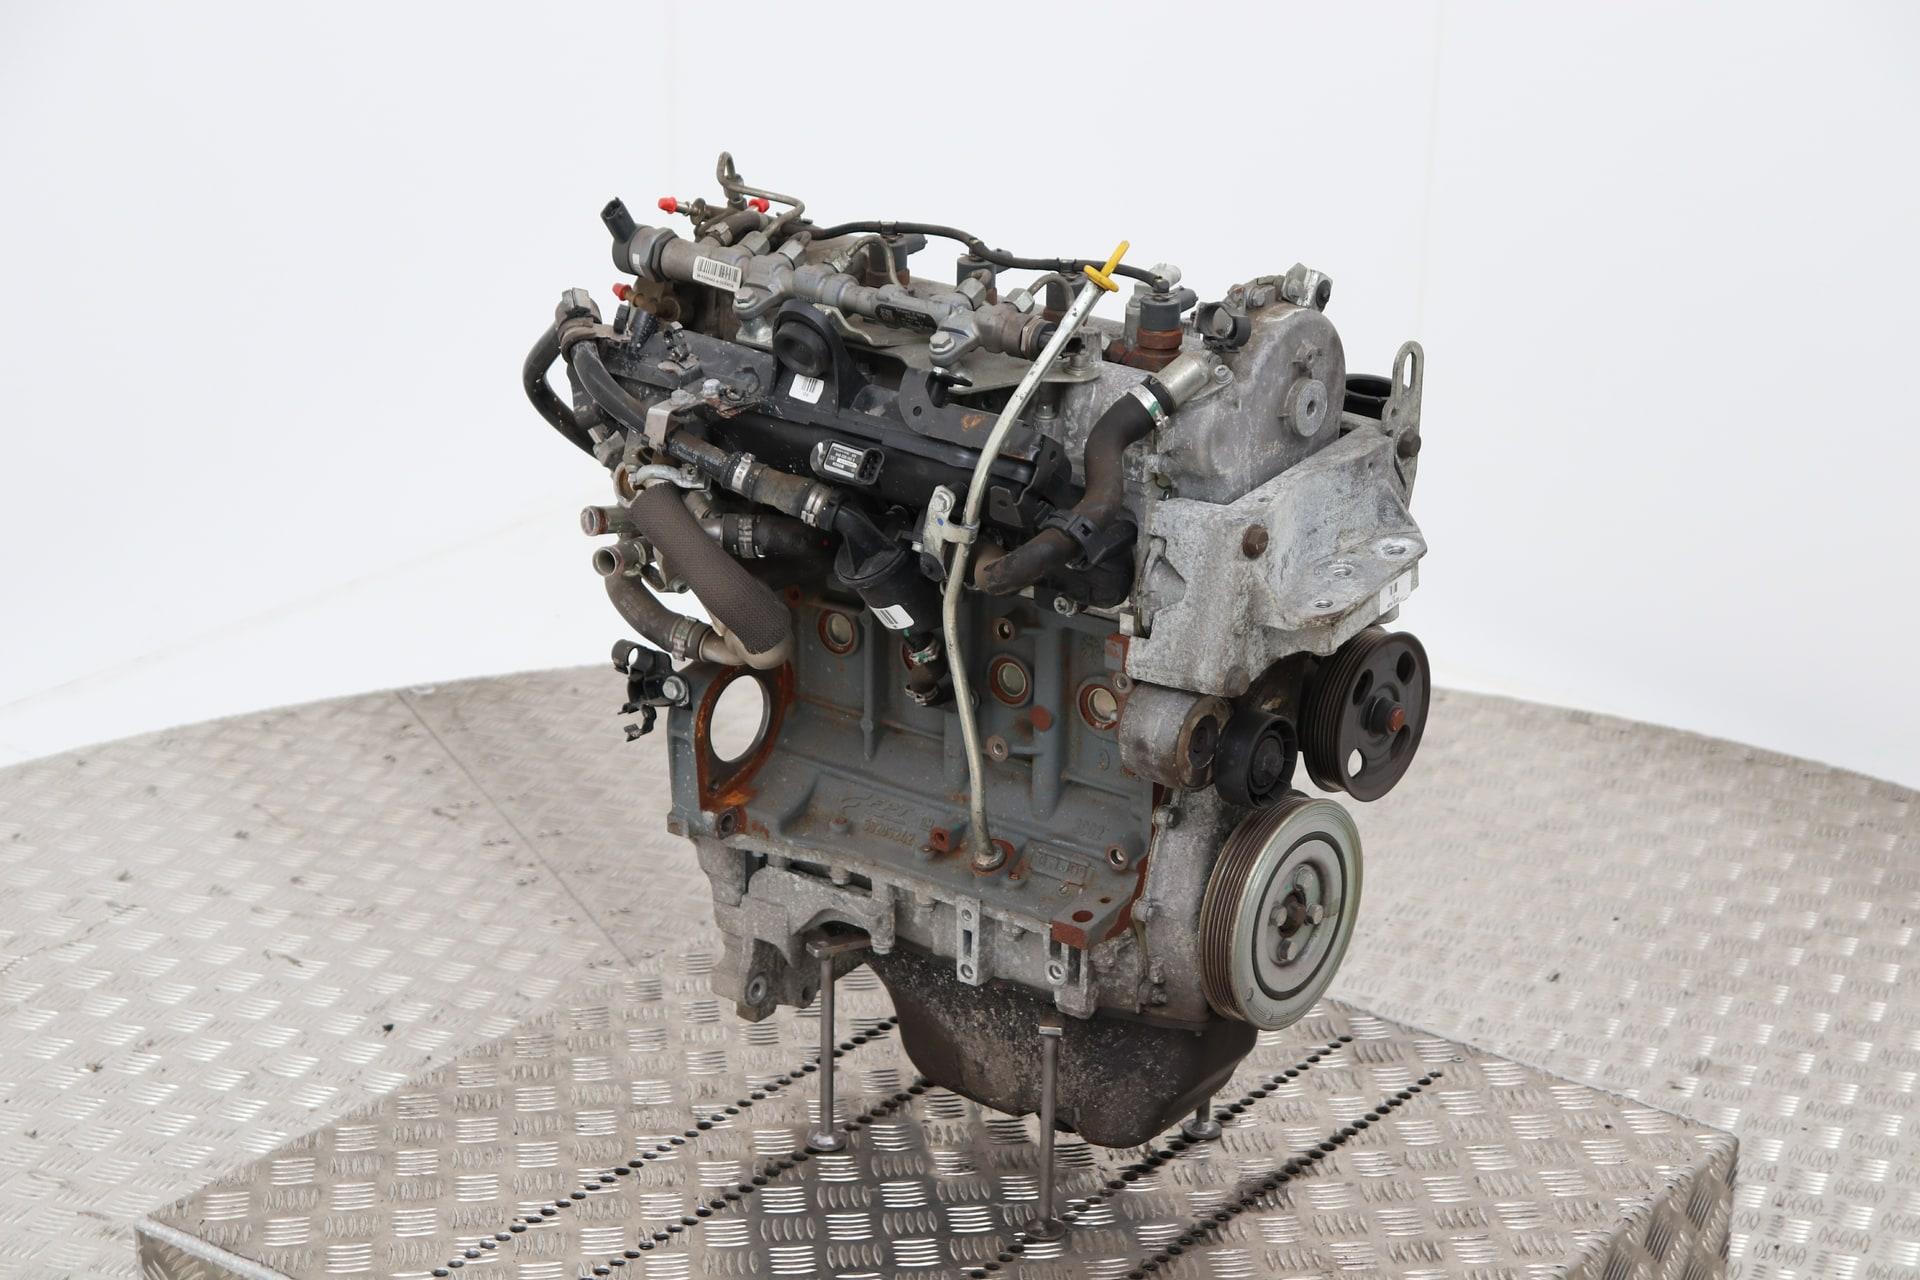 Used Fiat Punto II (188) 1 3 JTD Multijet 16V Engine - 735013430